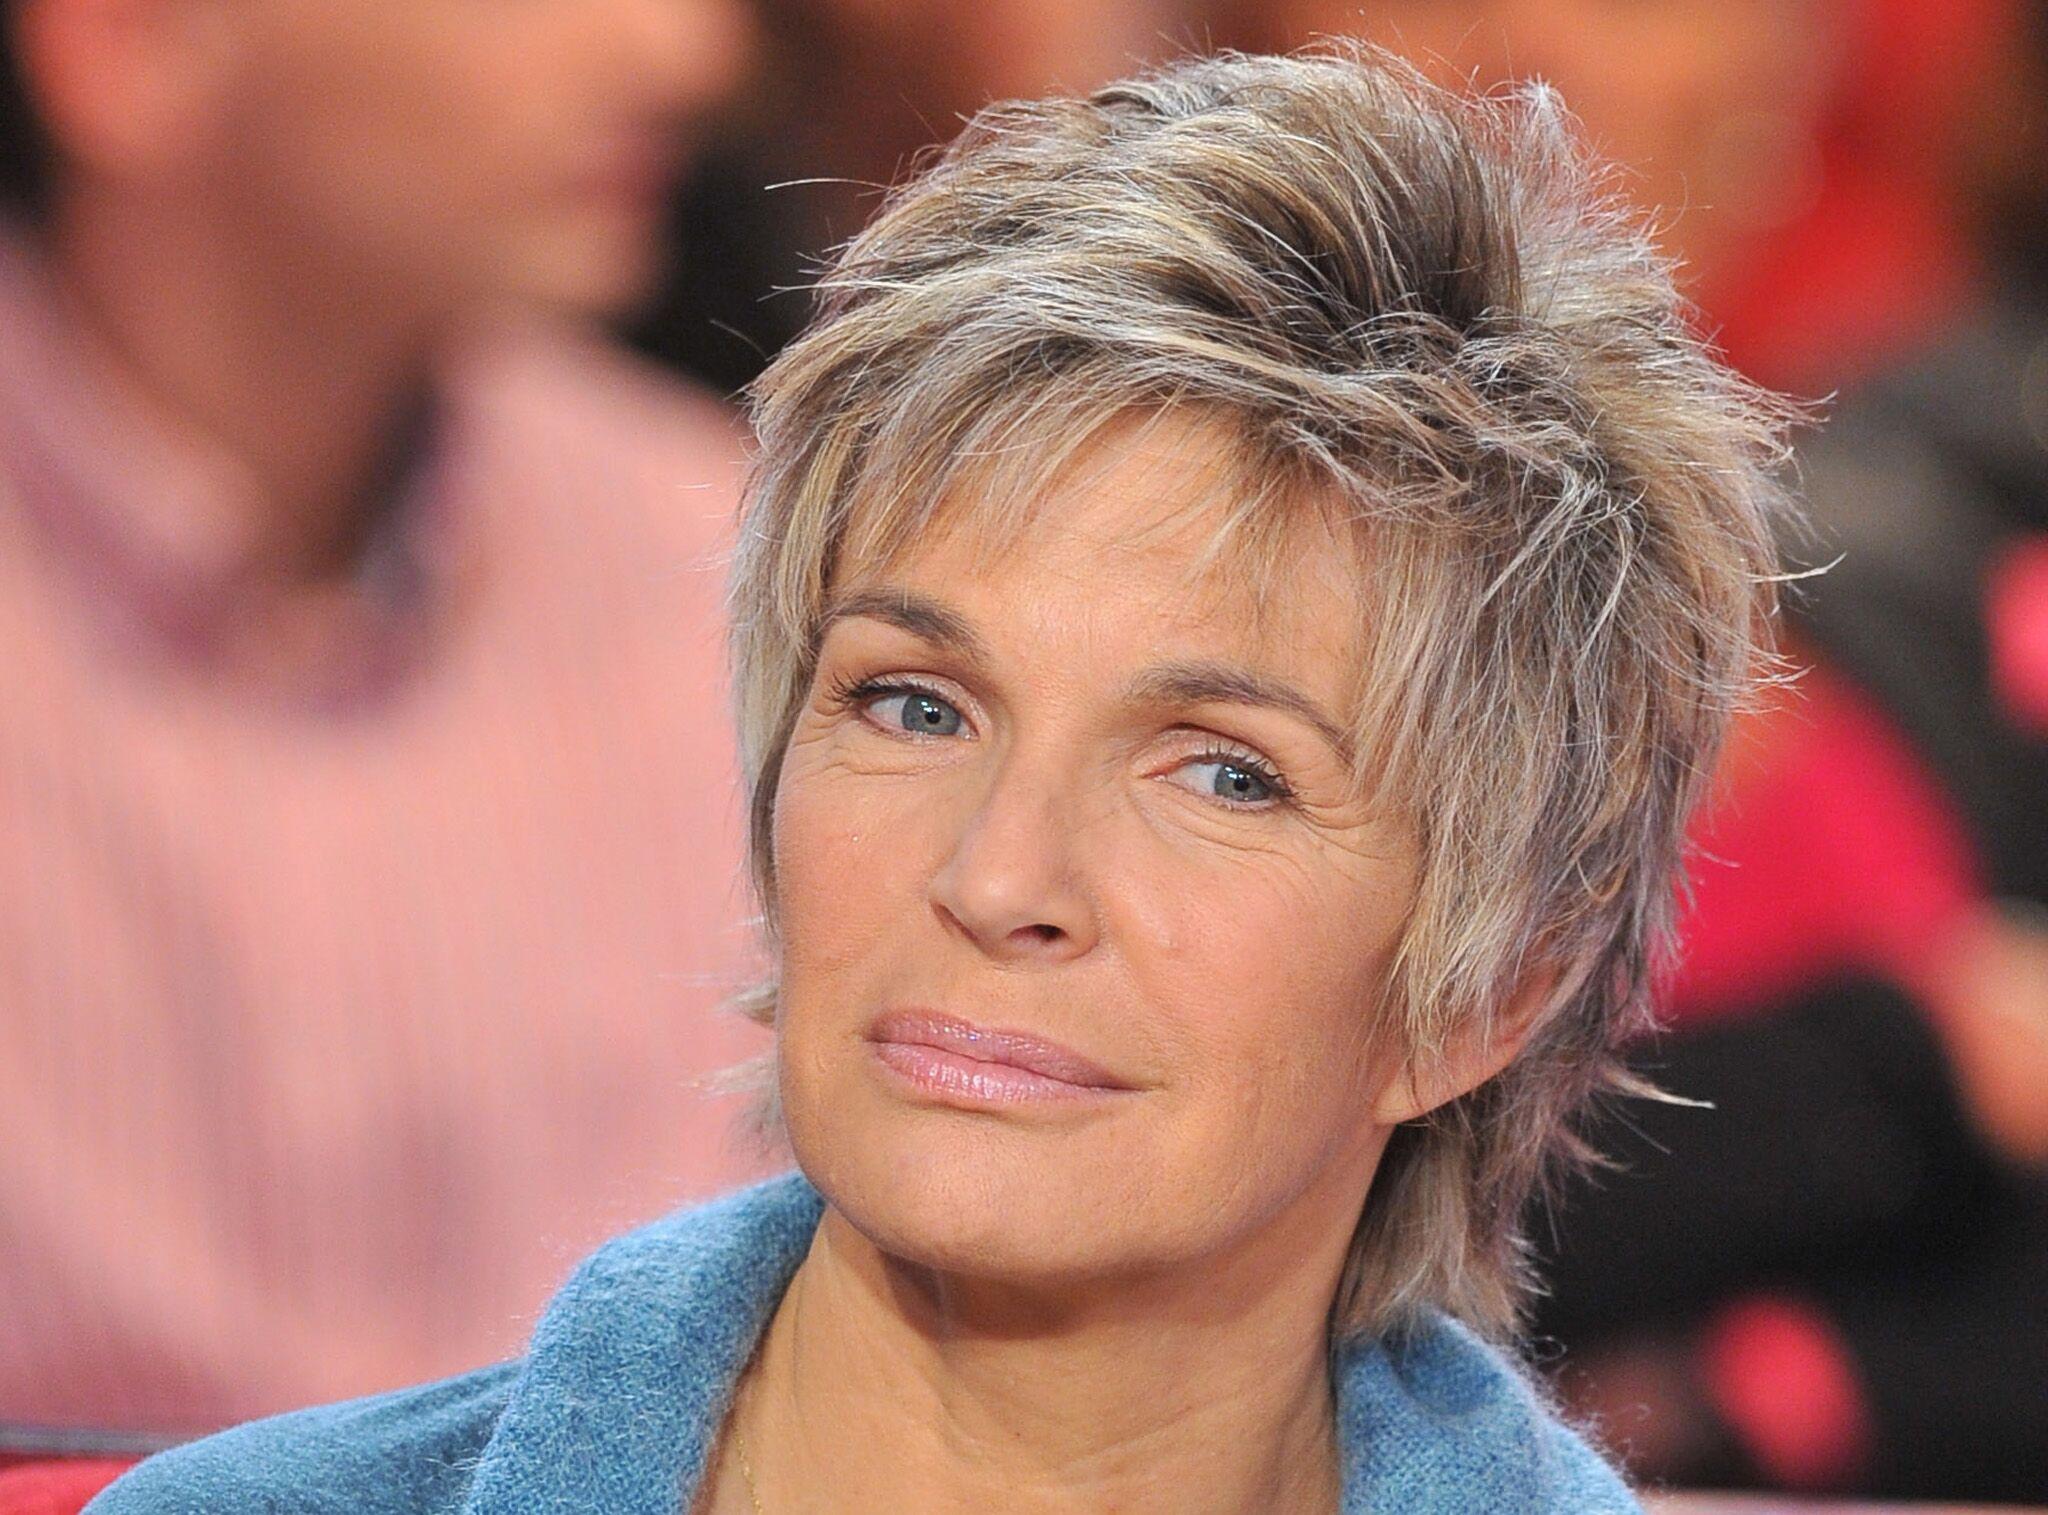 Agnes Olech